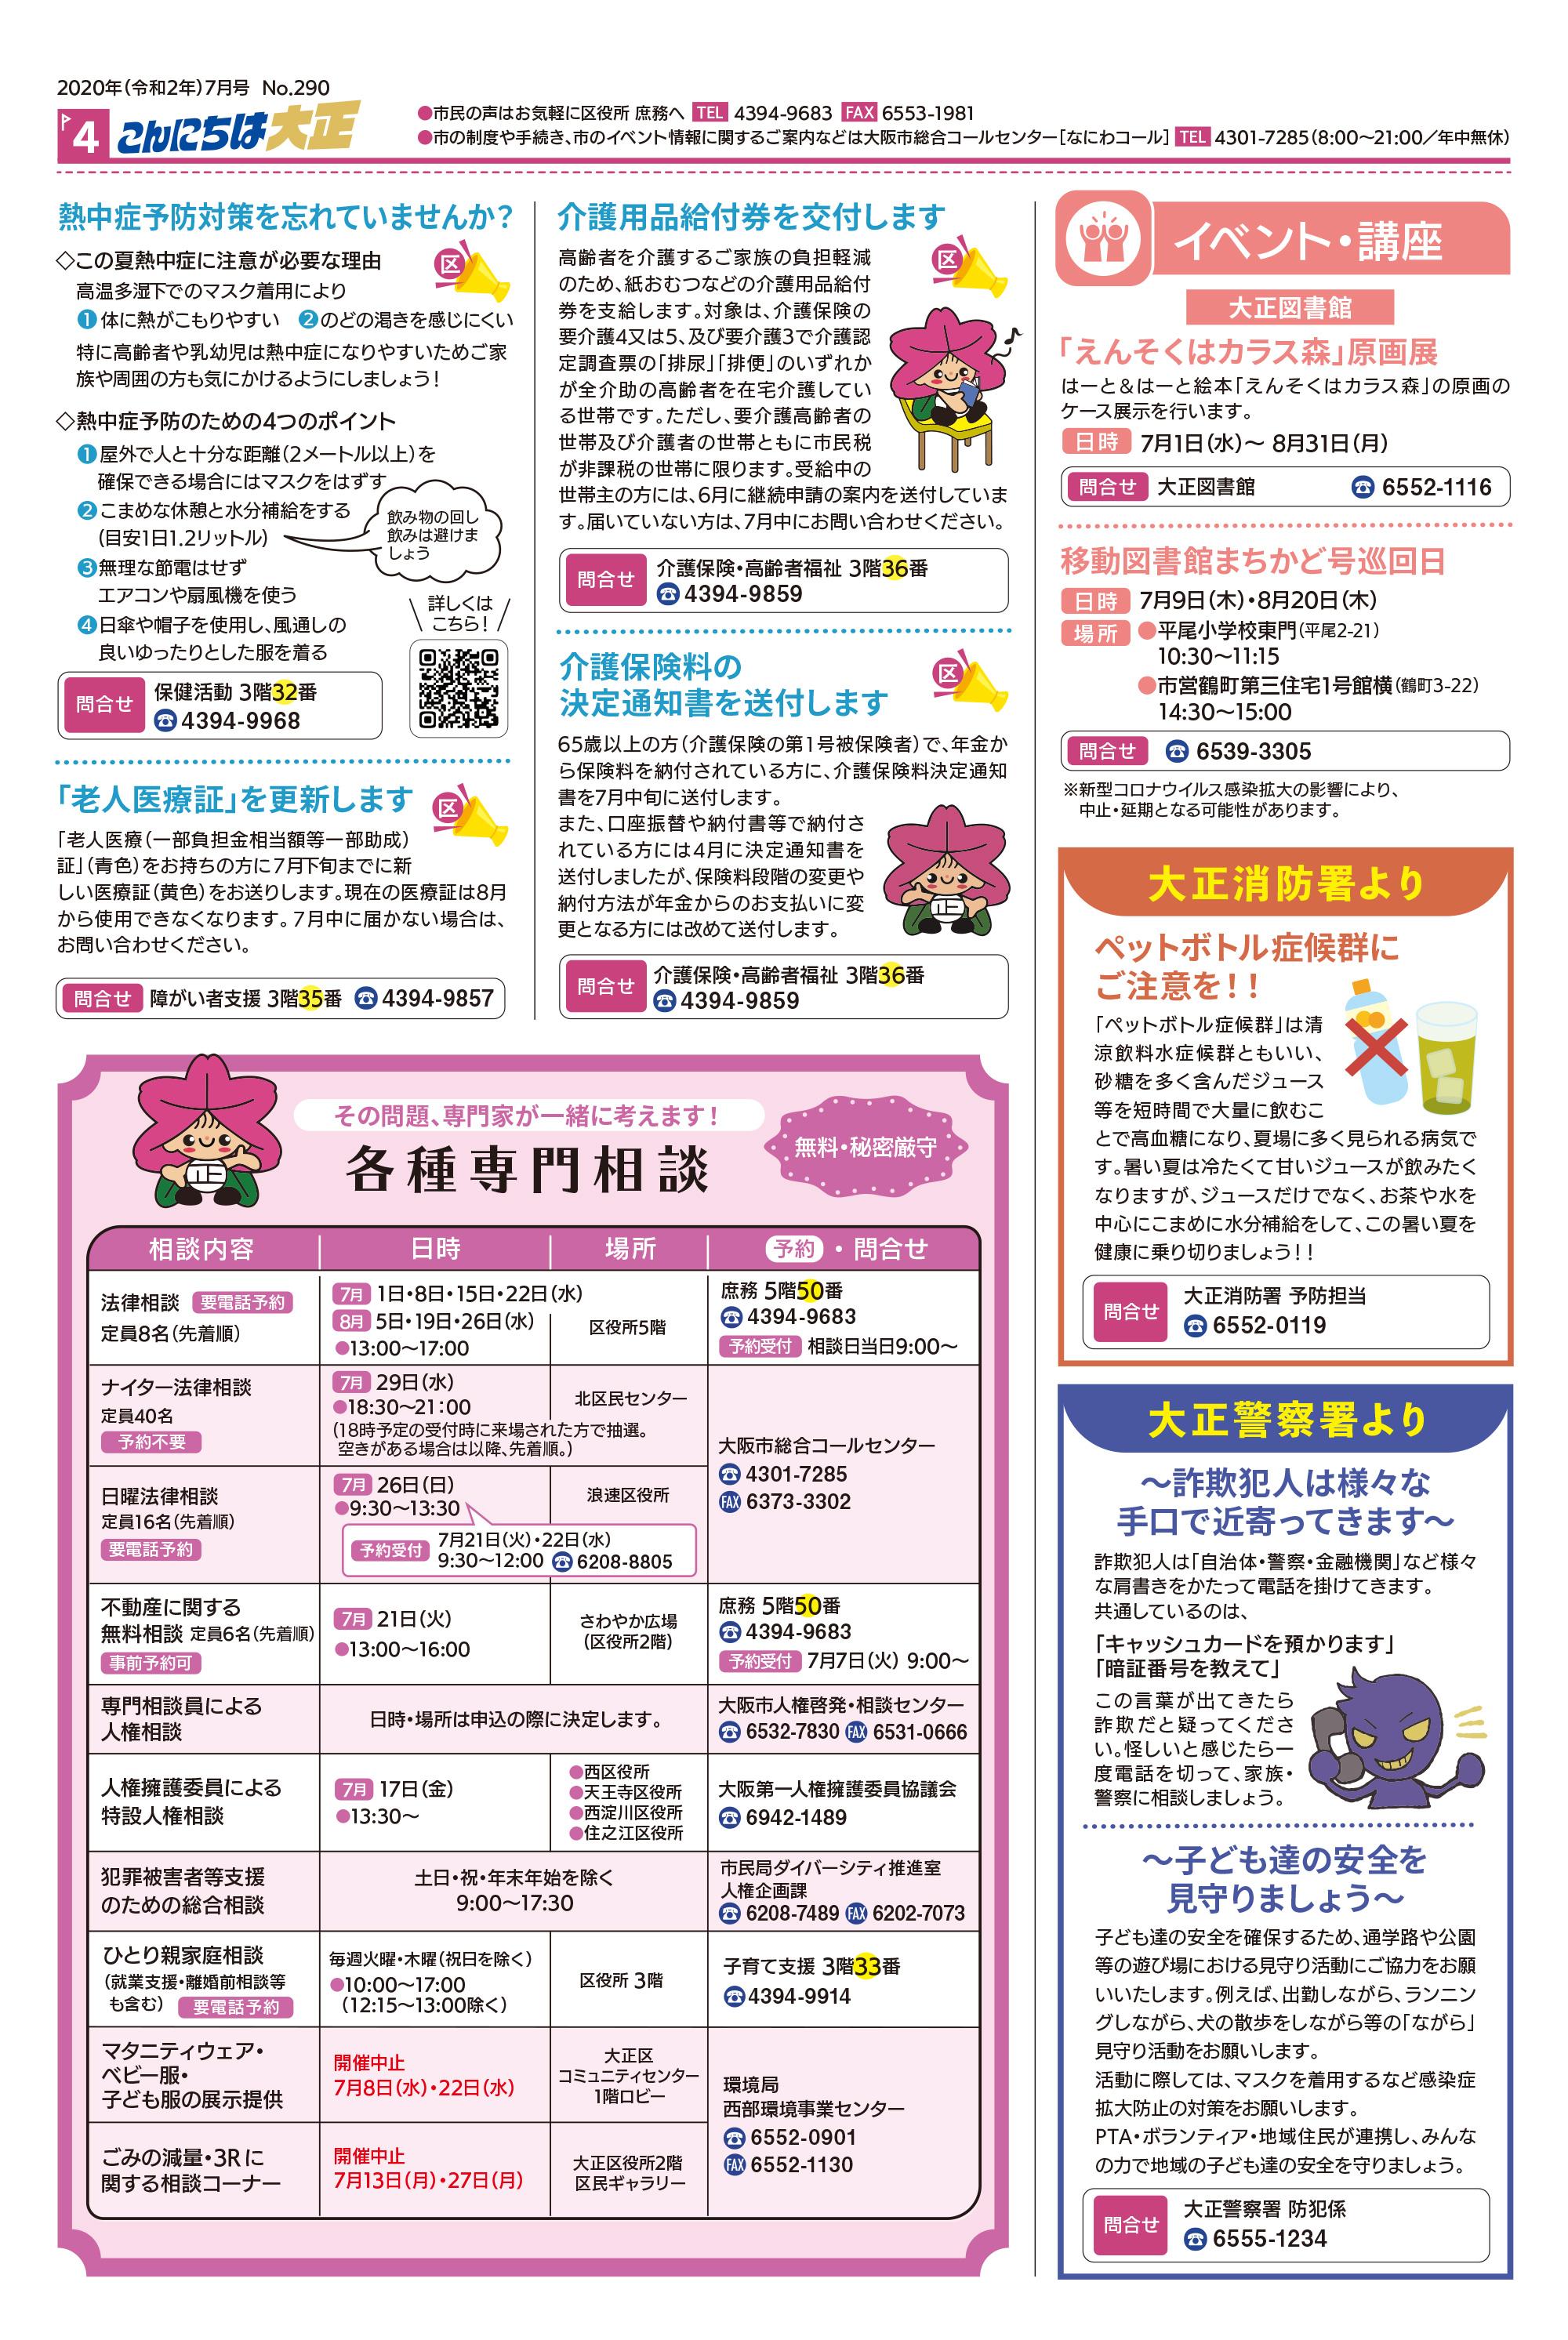 こんにちは大正7月号 2020.7 新しい日常・新しい地域活動(大阪市大正区)